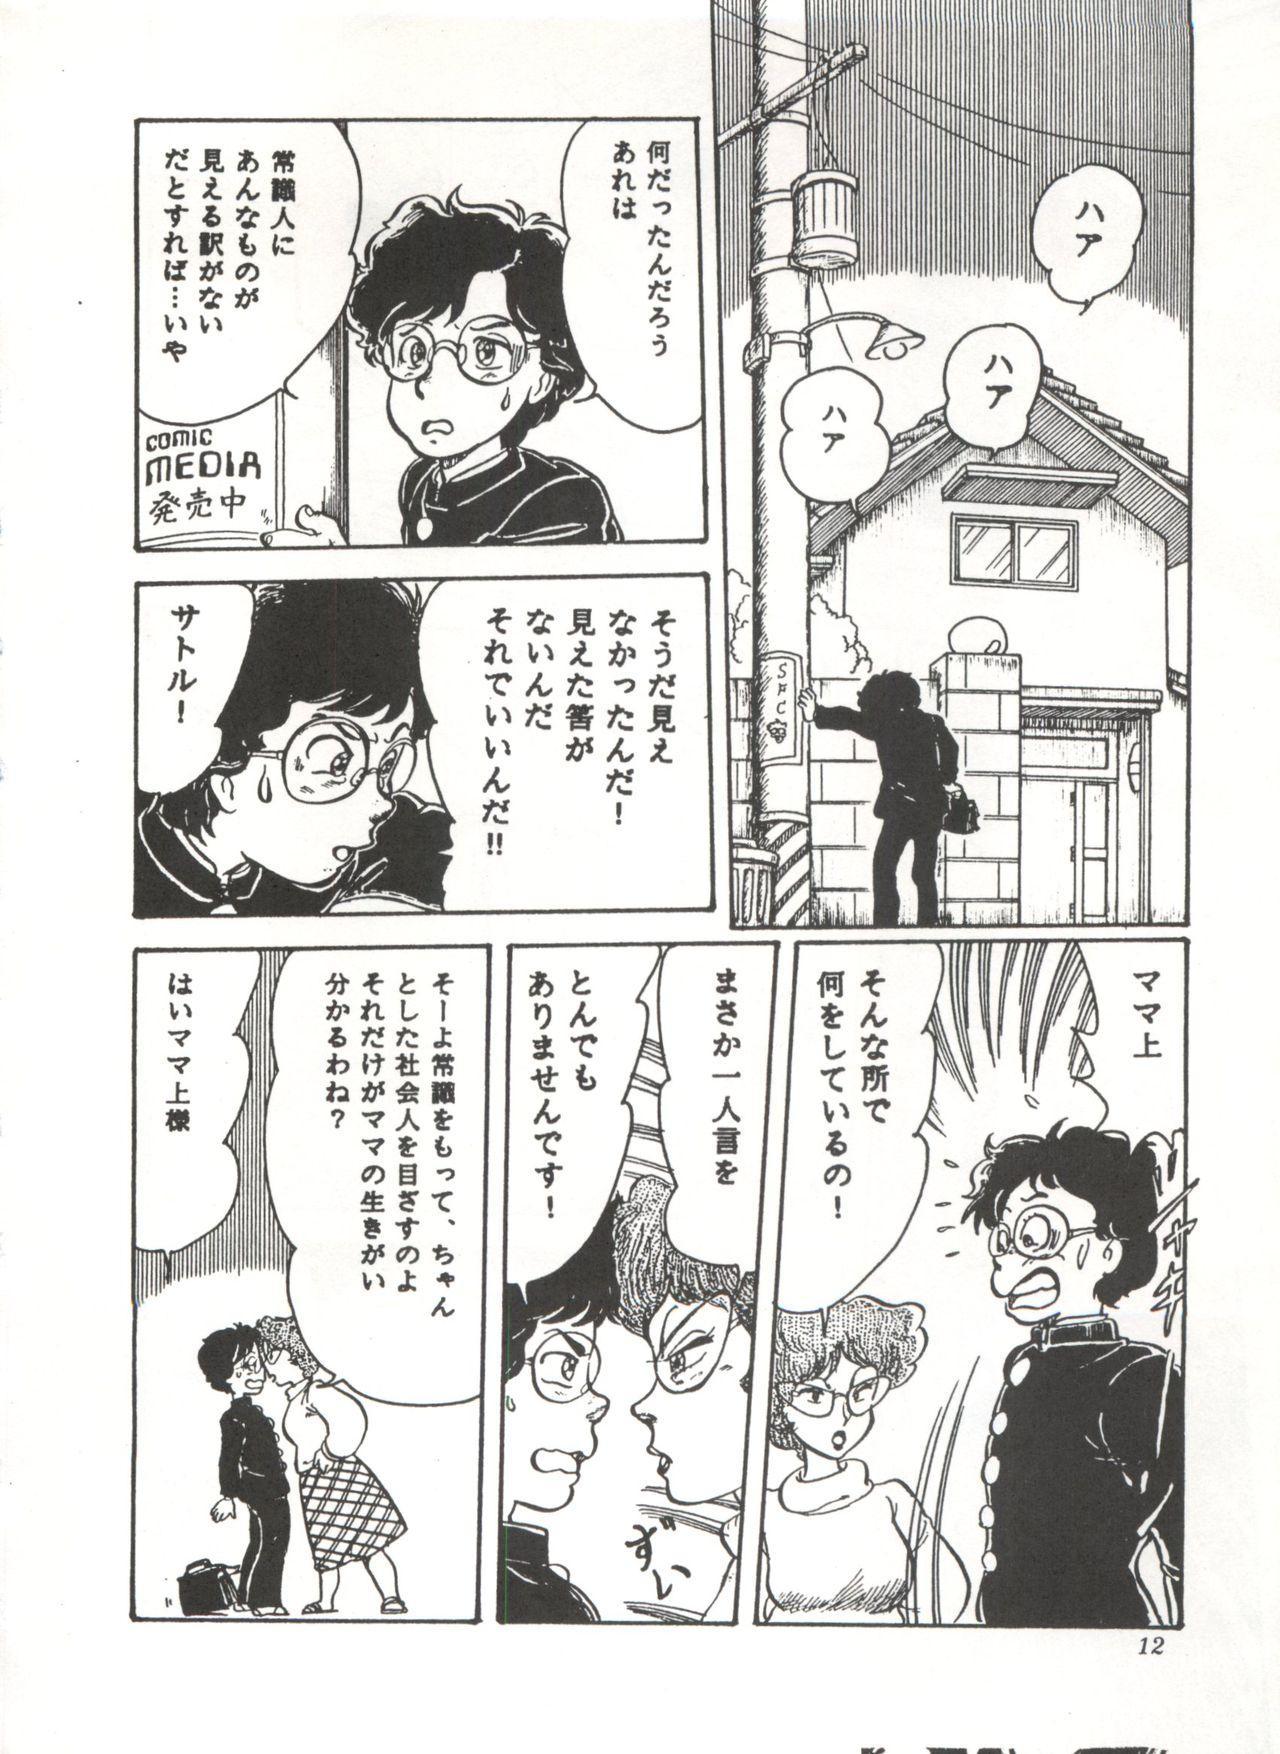 Comic Media Vol.3 16